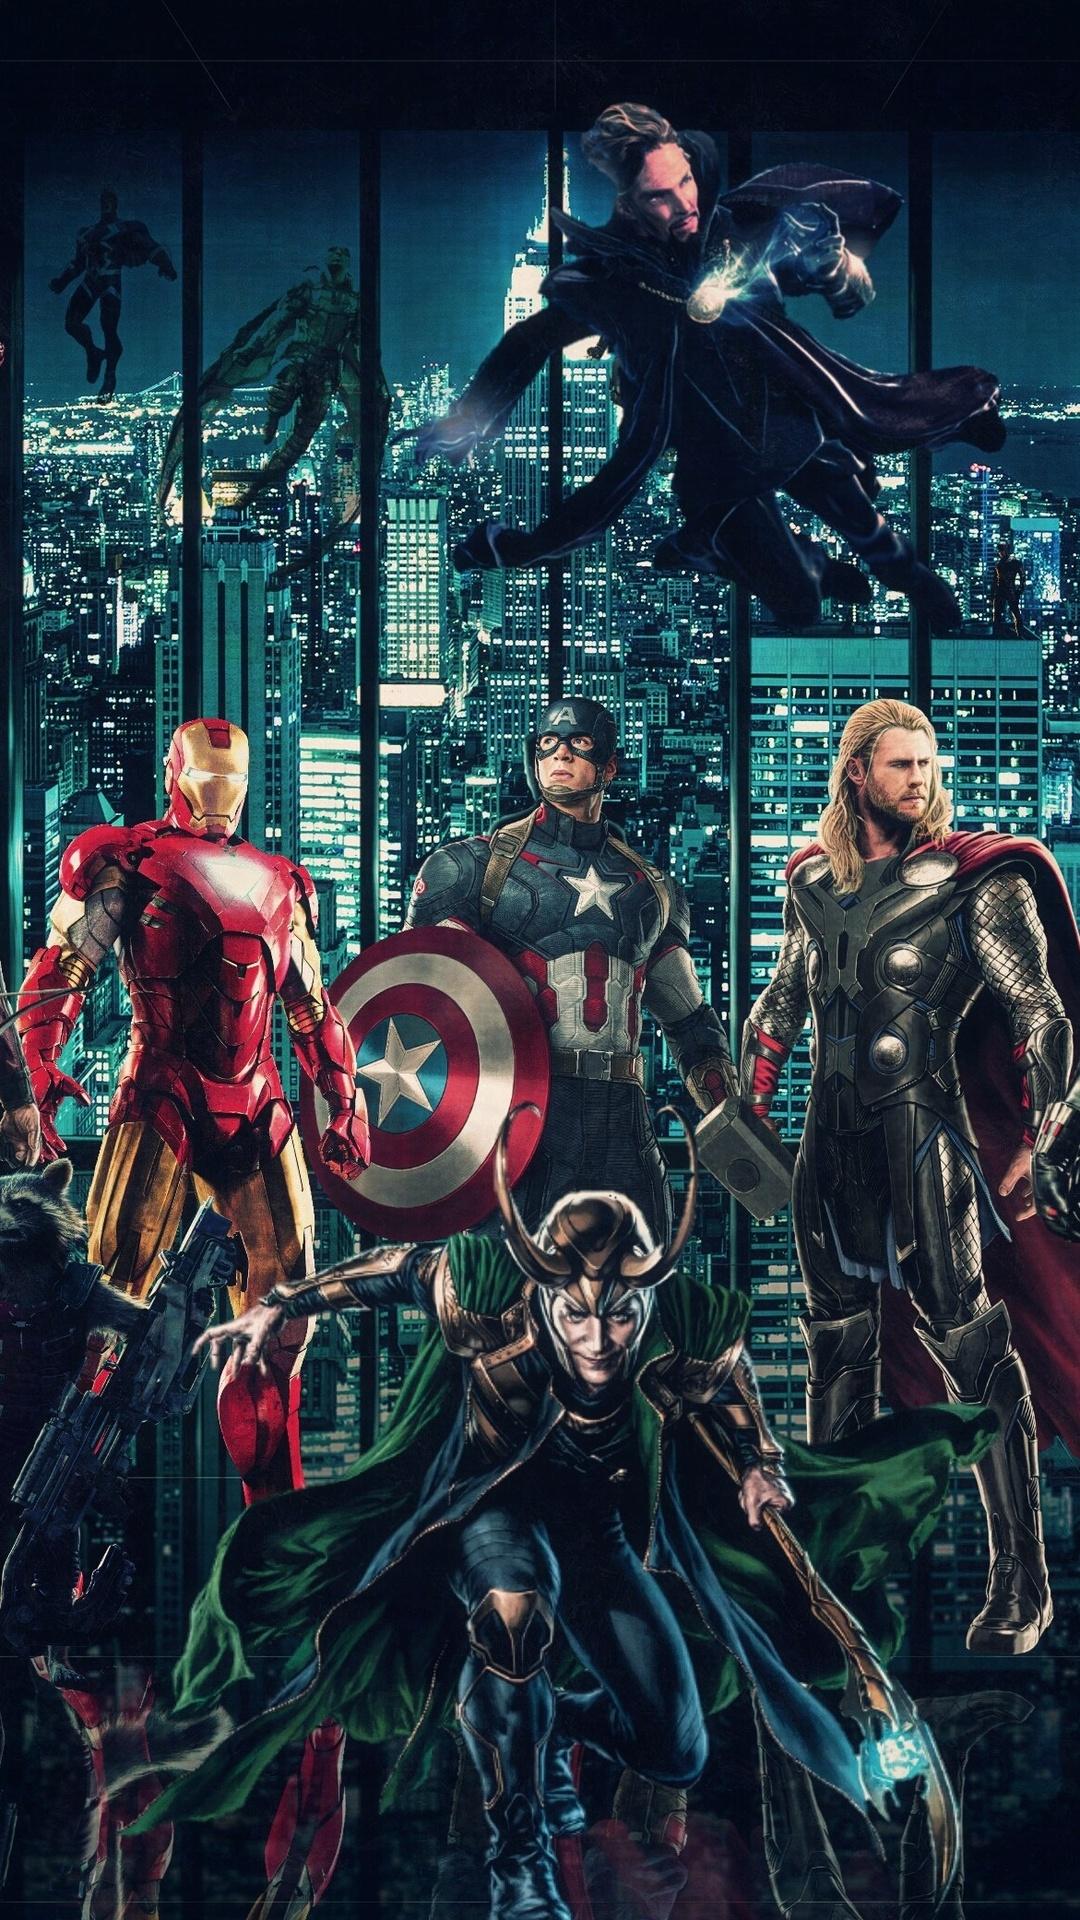 avengers-infinty-war-2018-superheroes-ax.jpg